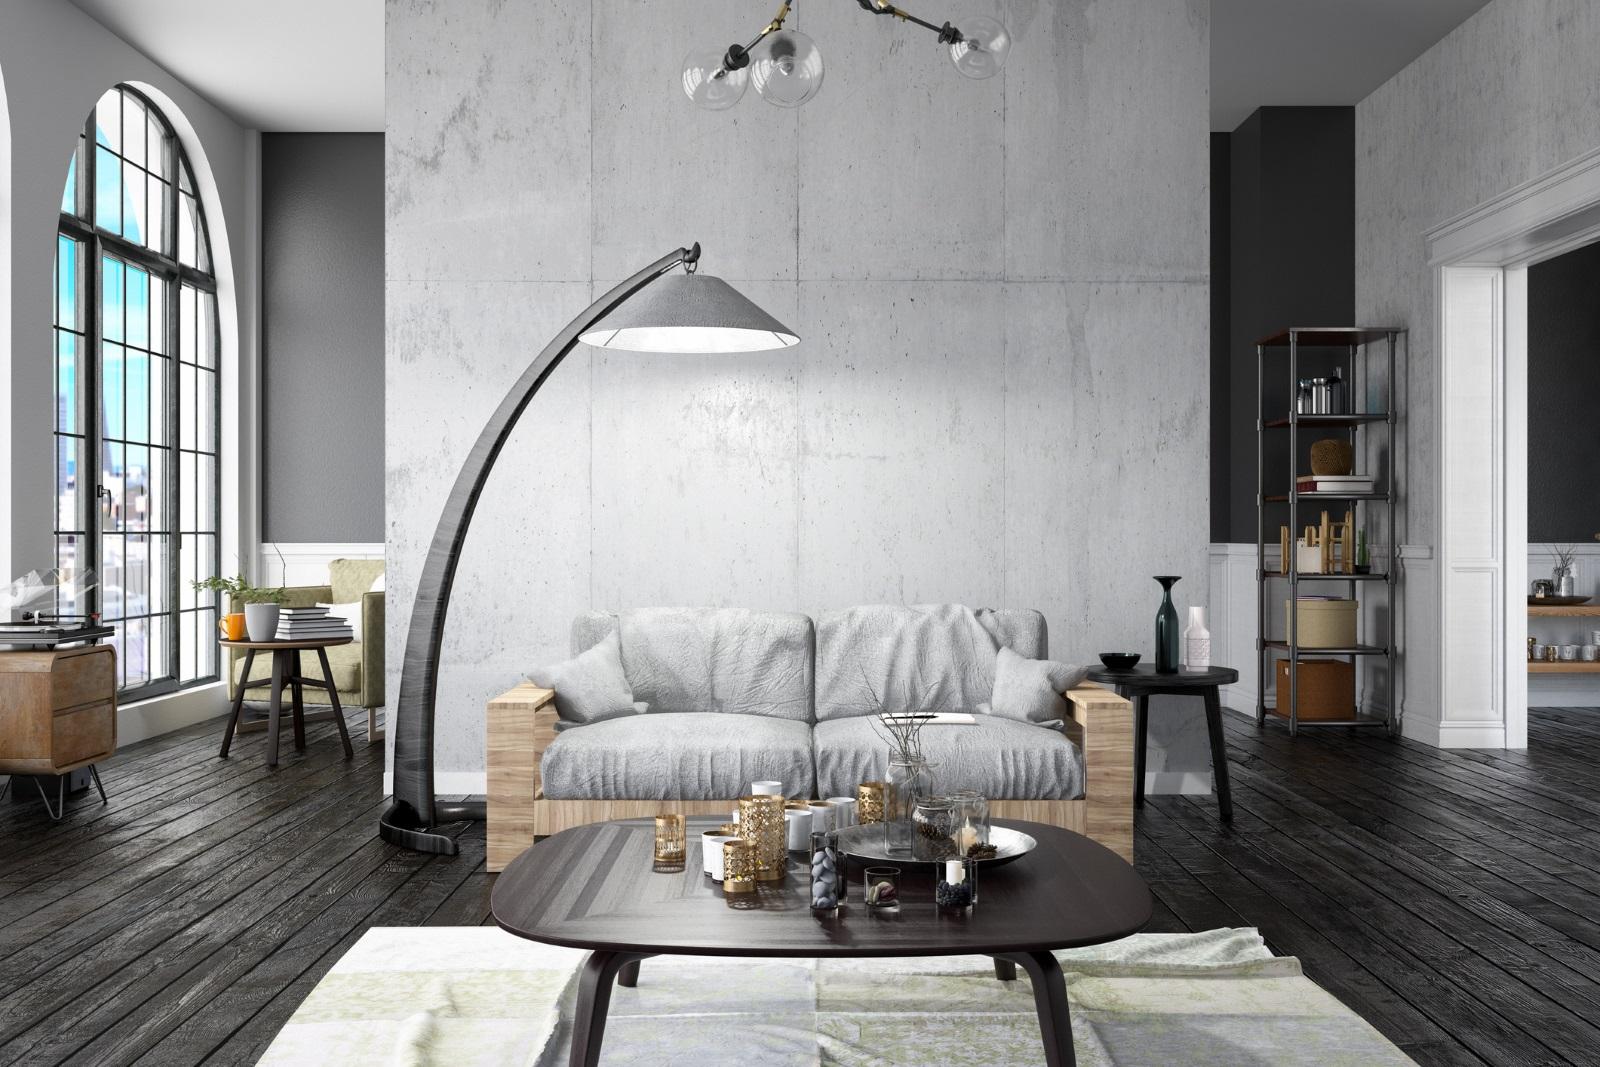 Осигурете повече светлина в помещенията с допълнителни лампи.